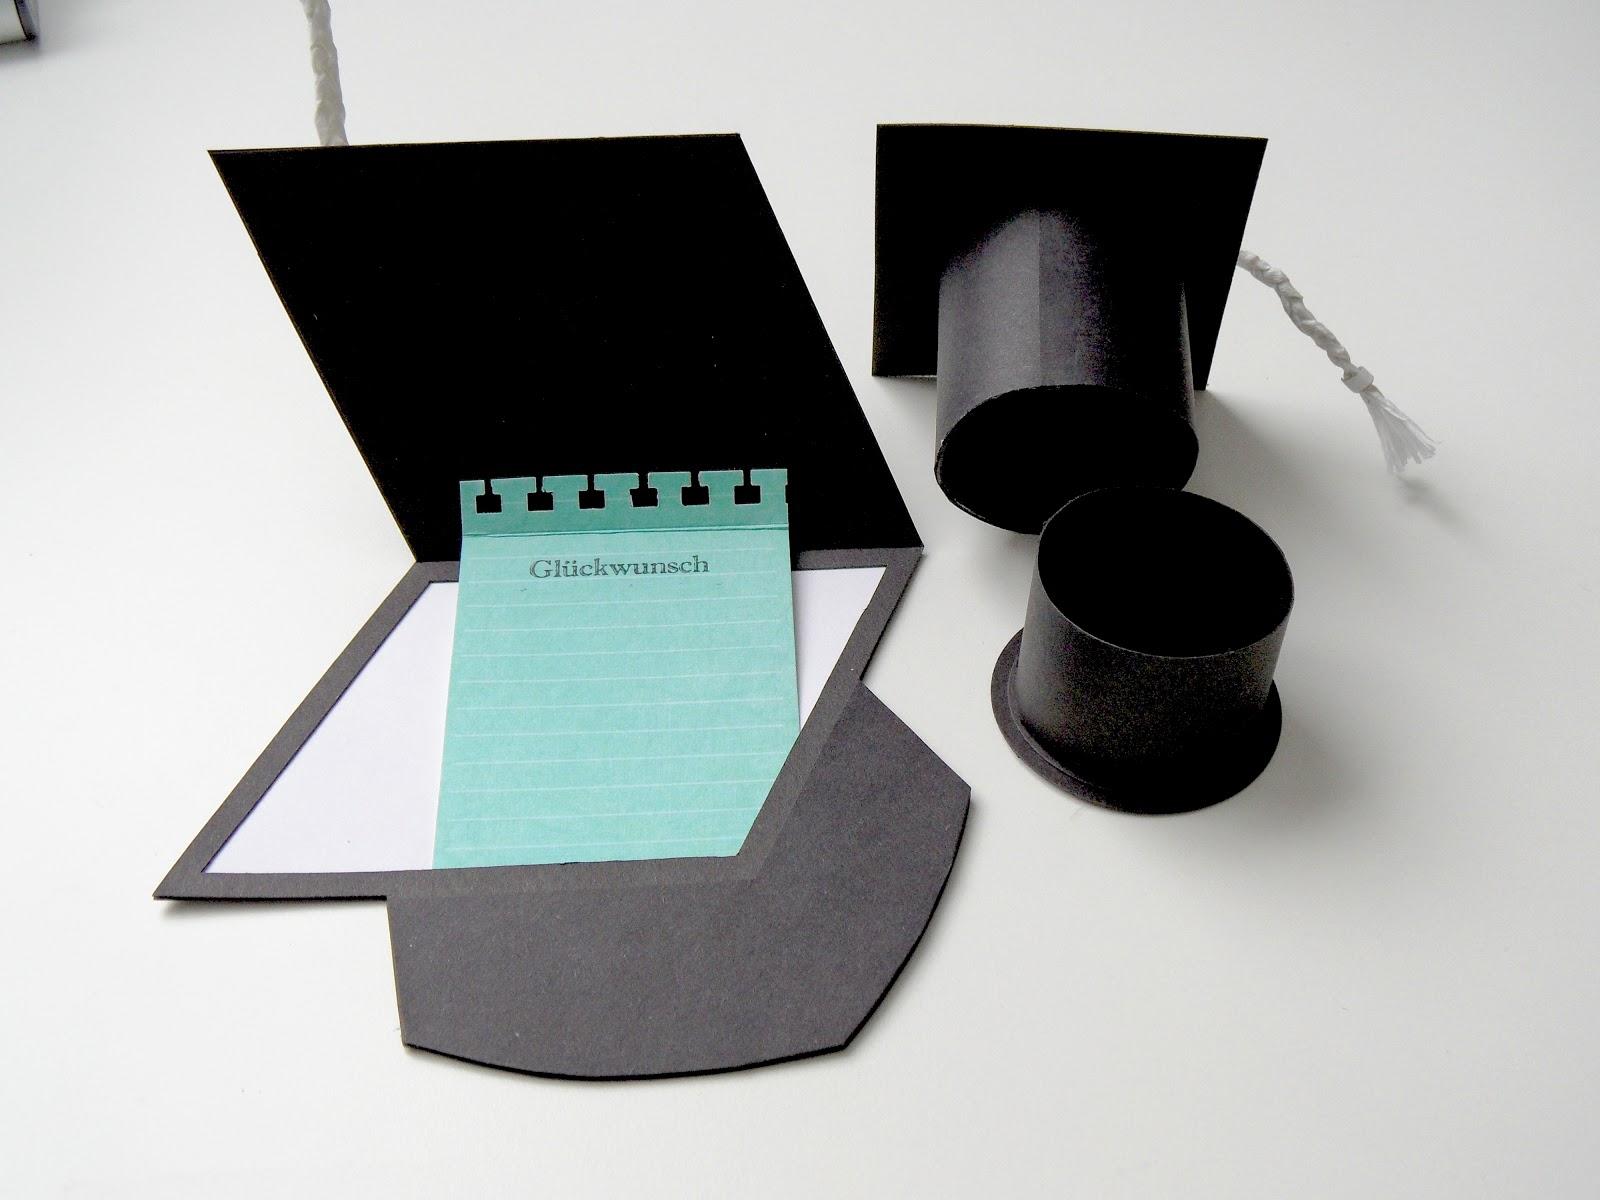 janasbastelecke geschenke zur promotion. Black Bedroom Furniture Sets. Home Design Ideas